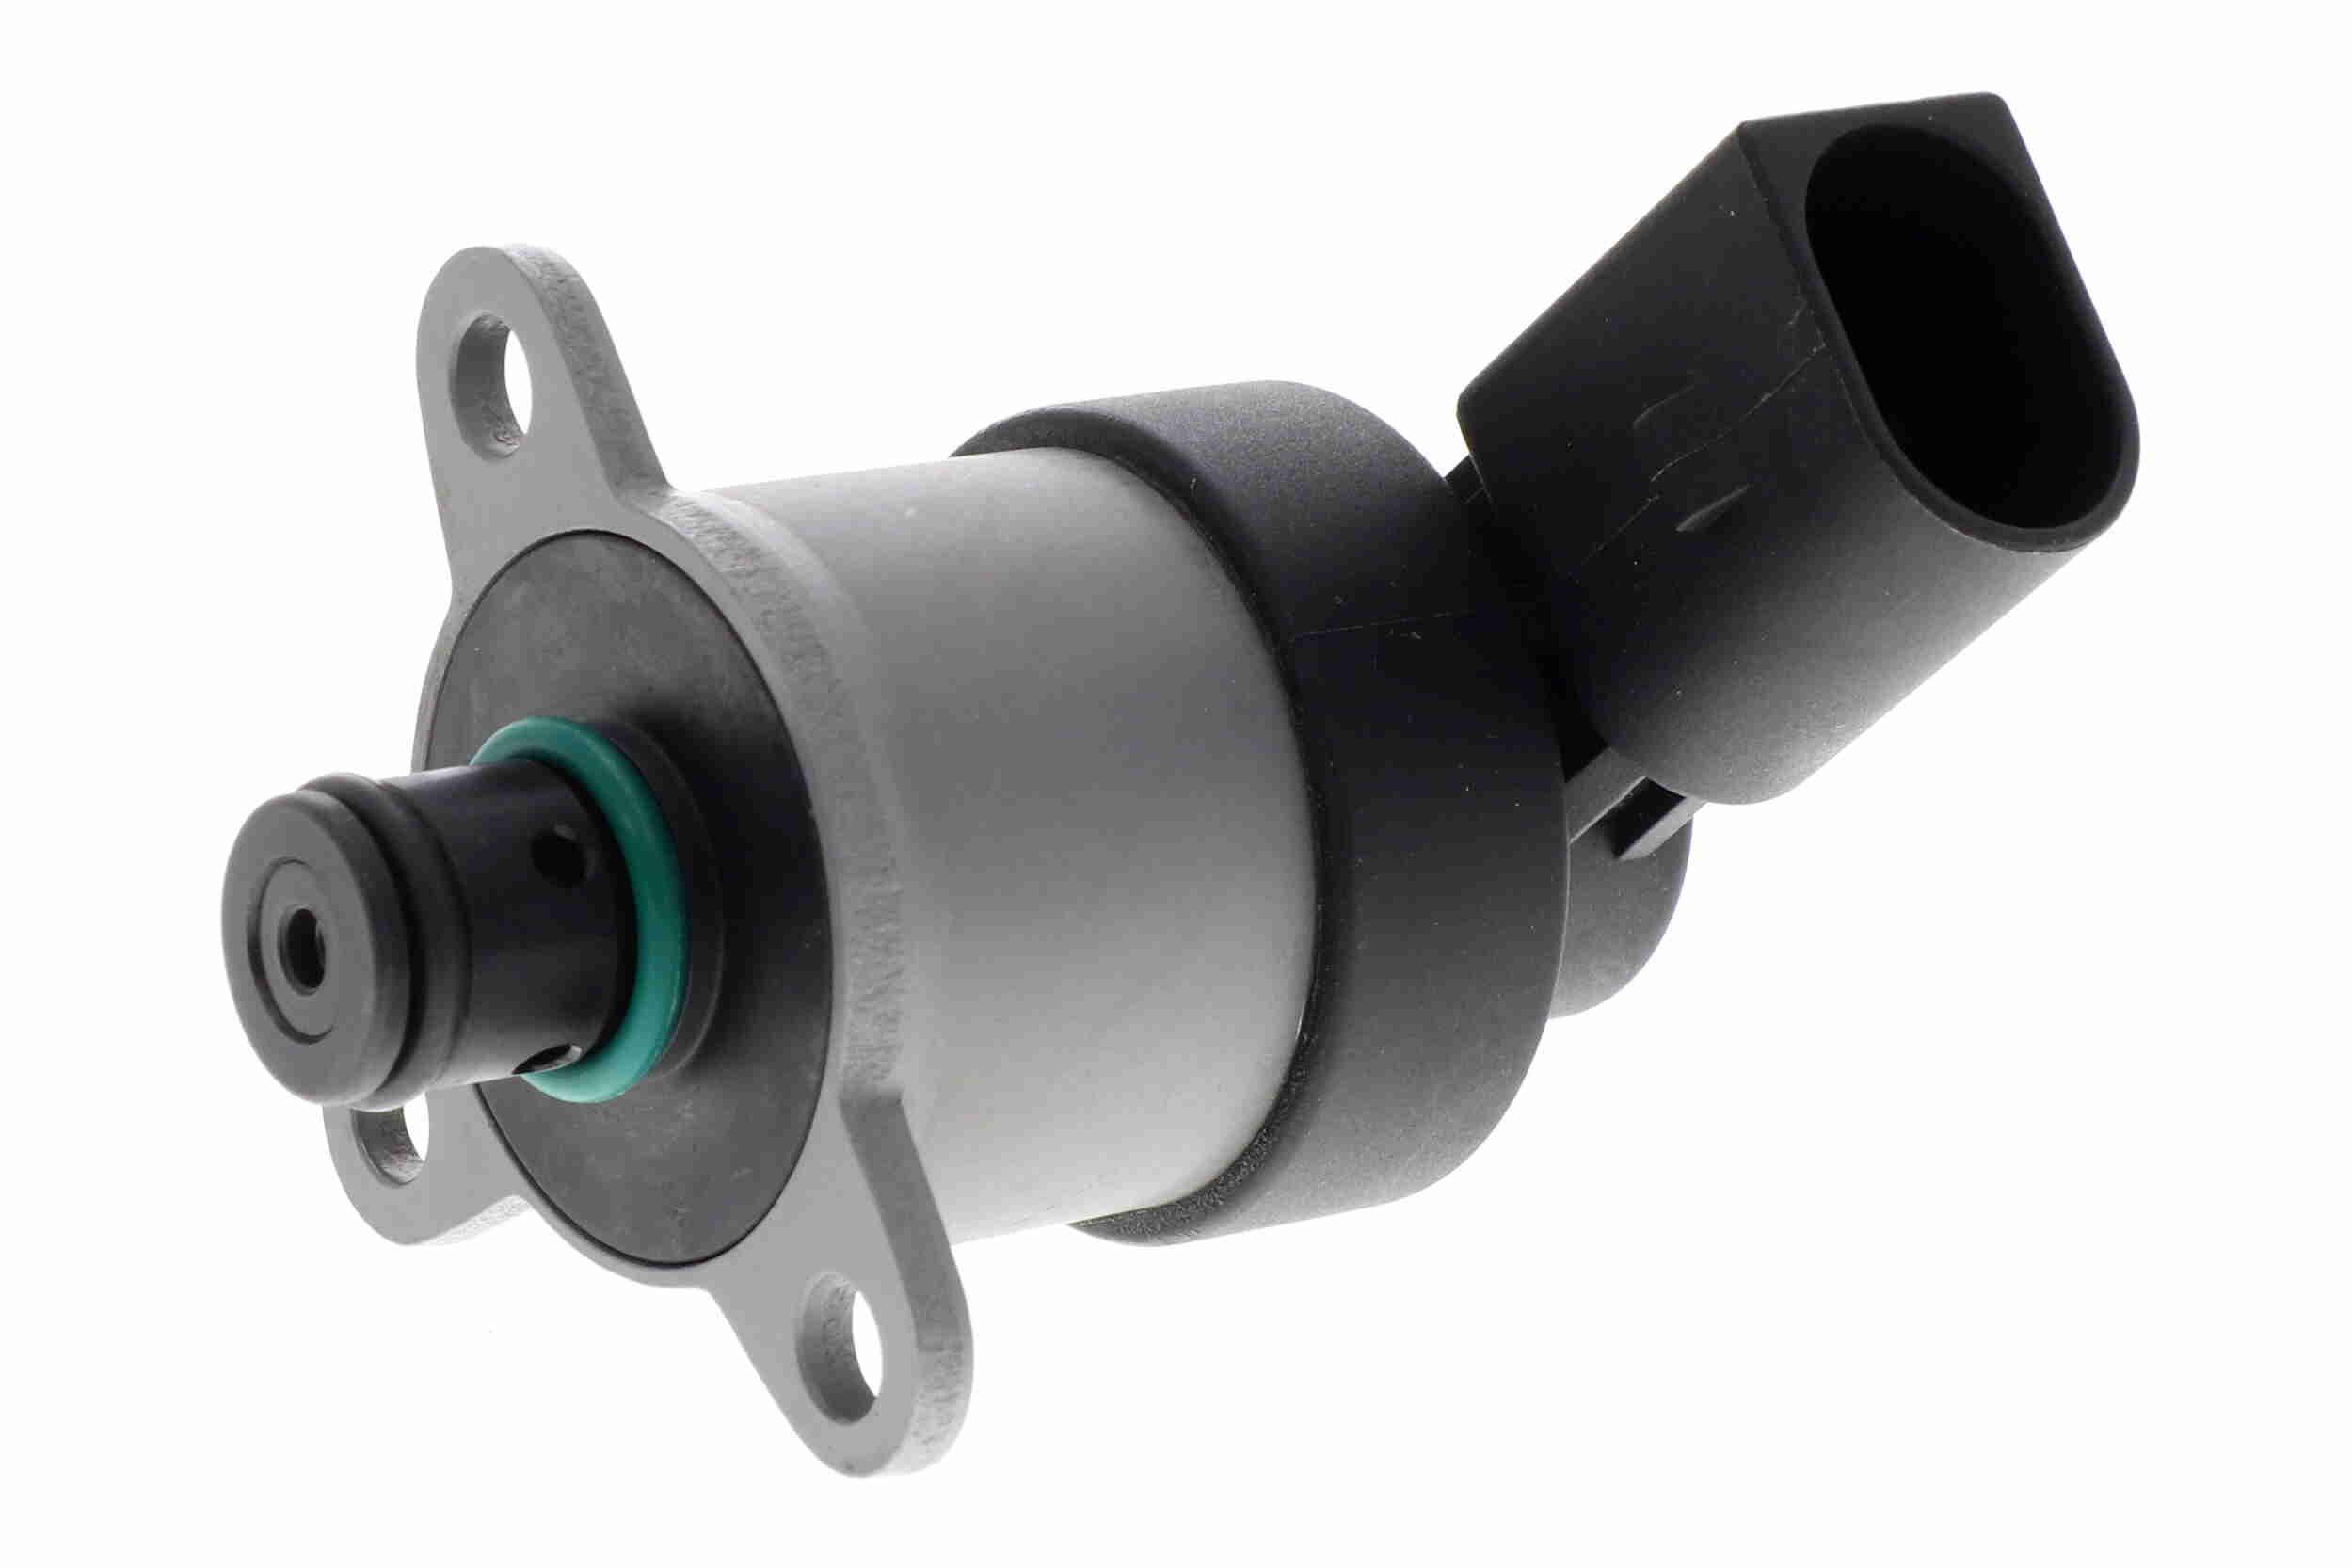 Vysokotlakové čerpadlo V20-11-0104 s vynikajúcim pomerom VEMO medzi cenou a kvalitou